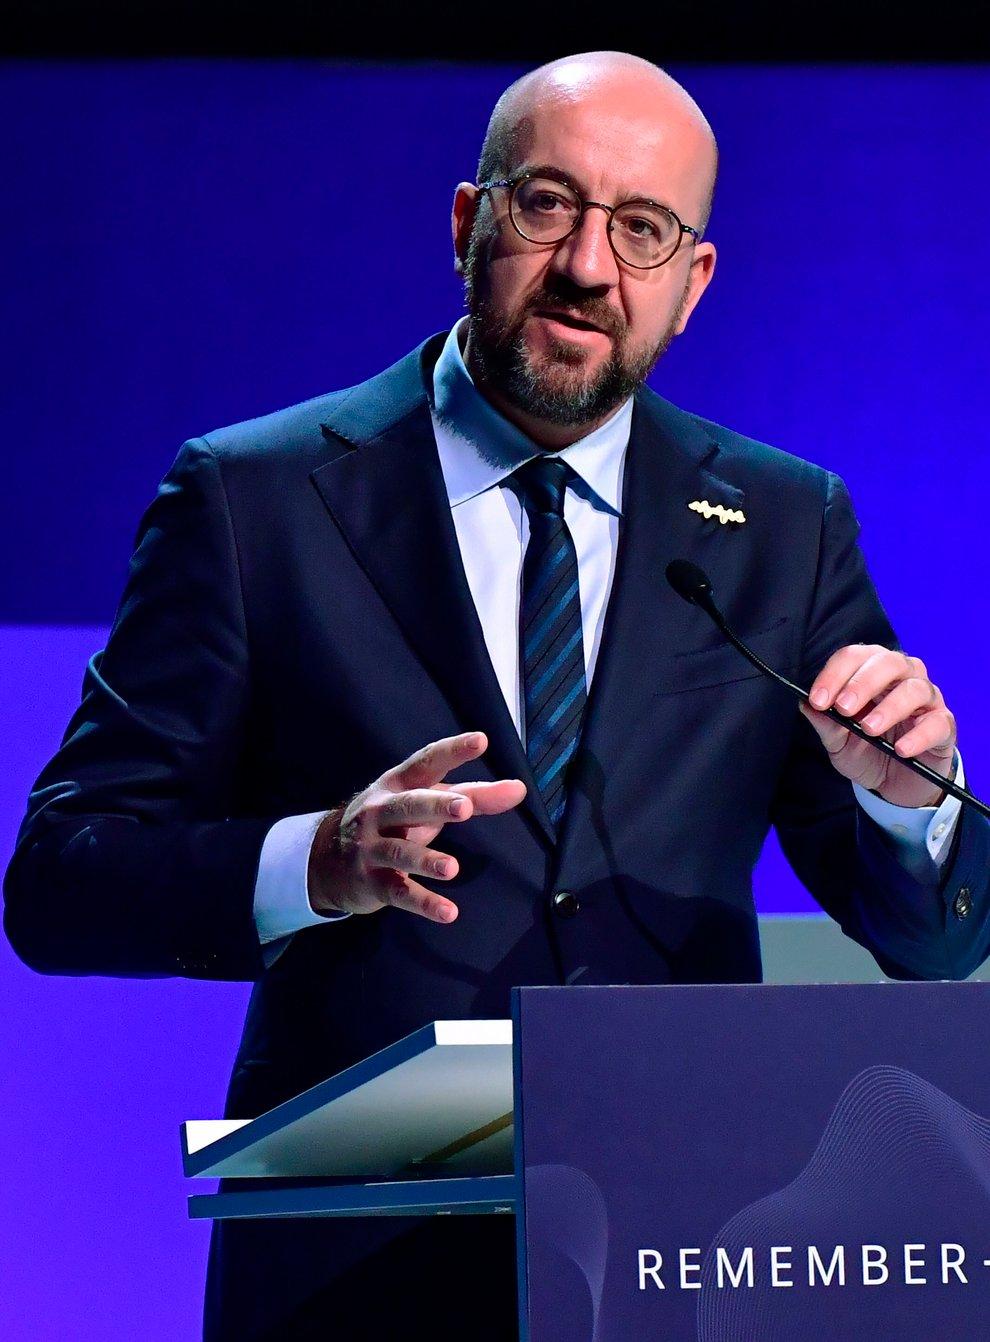 European Council President Charles Michel speaks at the conference (Jonas Ekstromer/TT via AP)